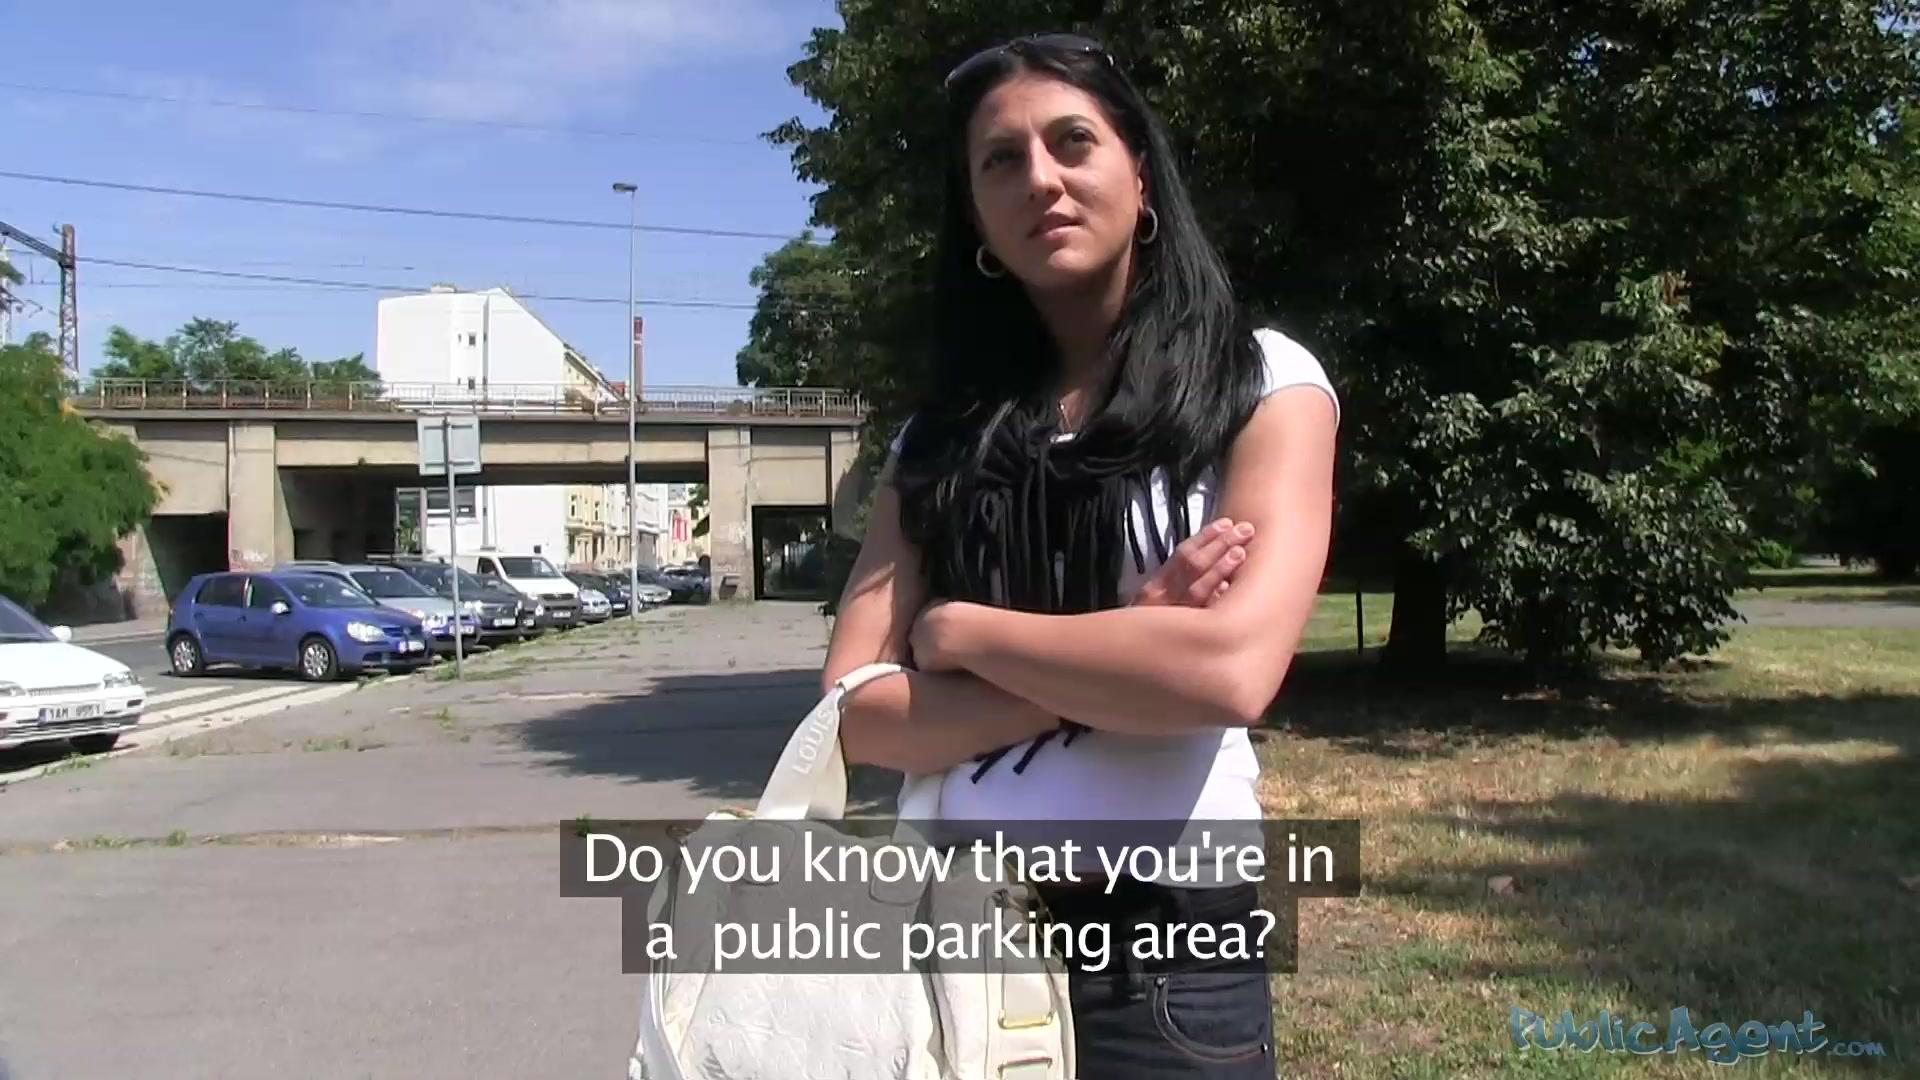 Agent Street Porn publicagent - sabina (1208) 2014 porno hd online